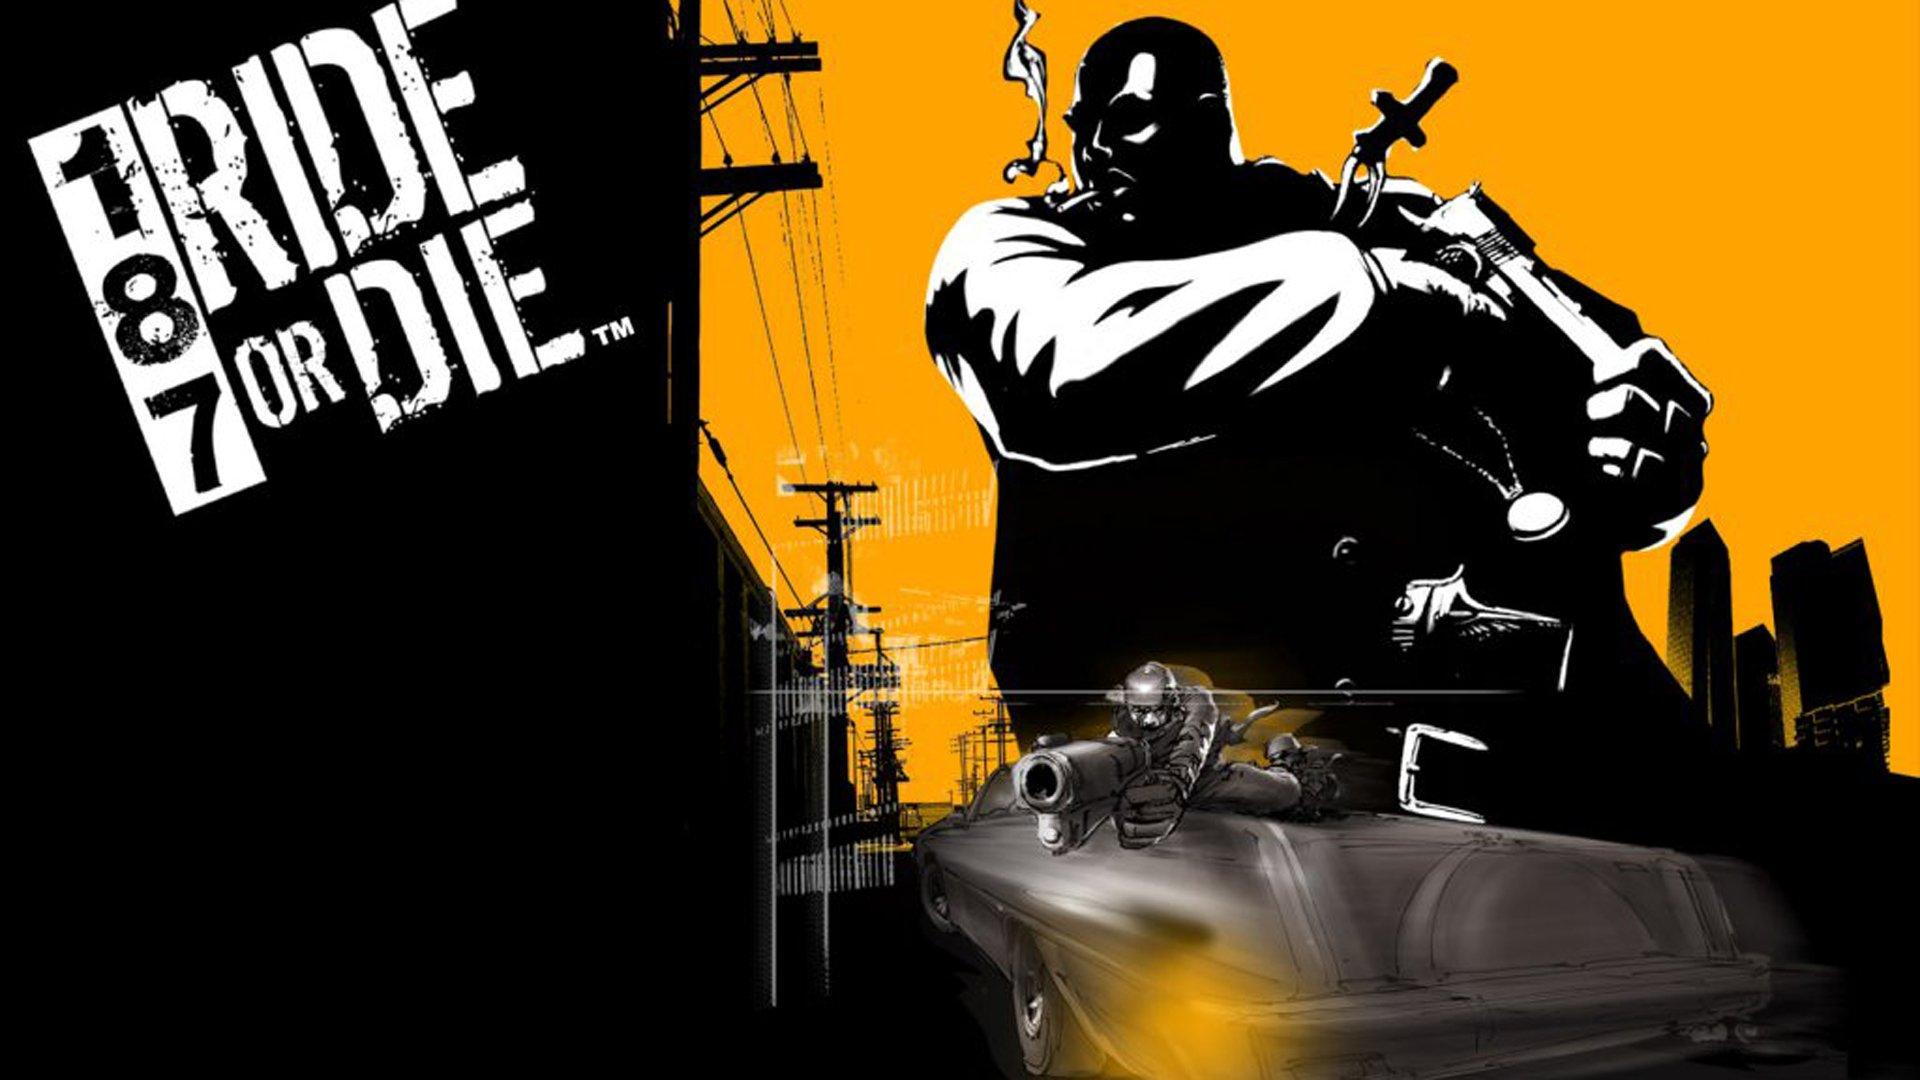 187 Ride Or Die HD Wallpaper | Hintergrund | 1920x1080 ...